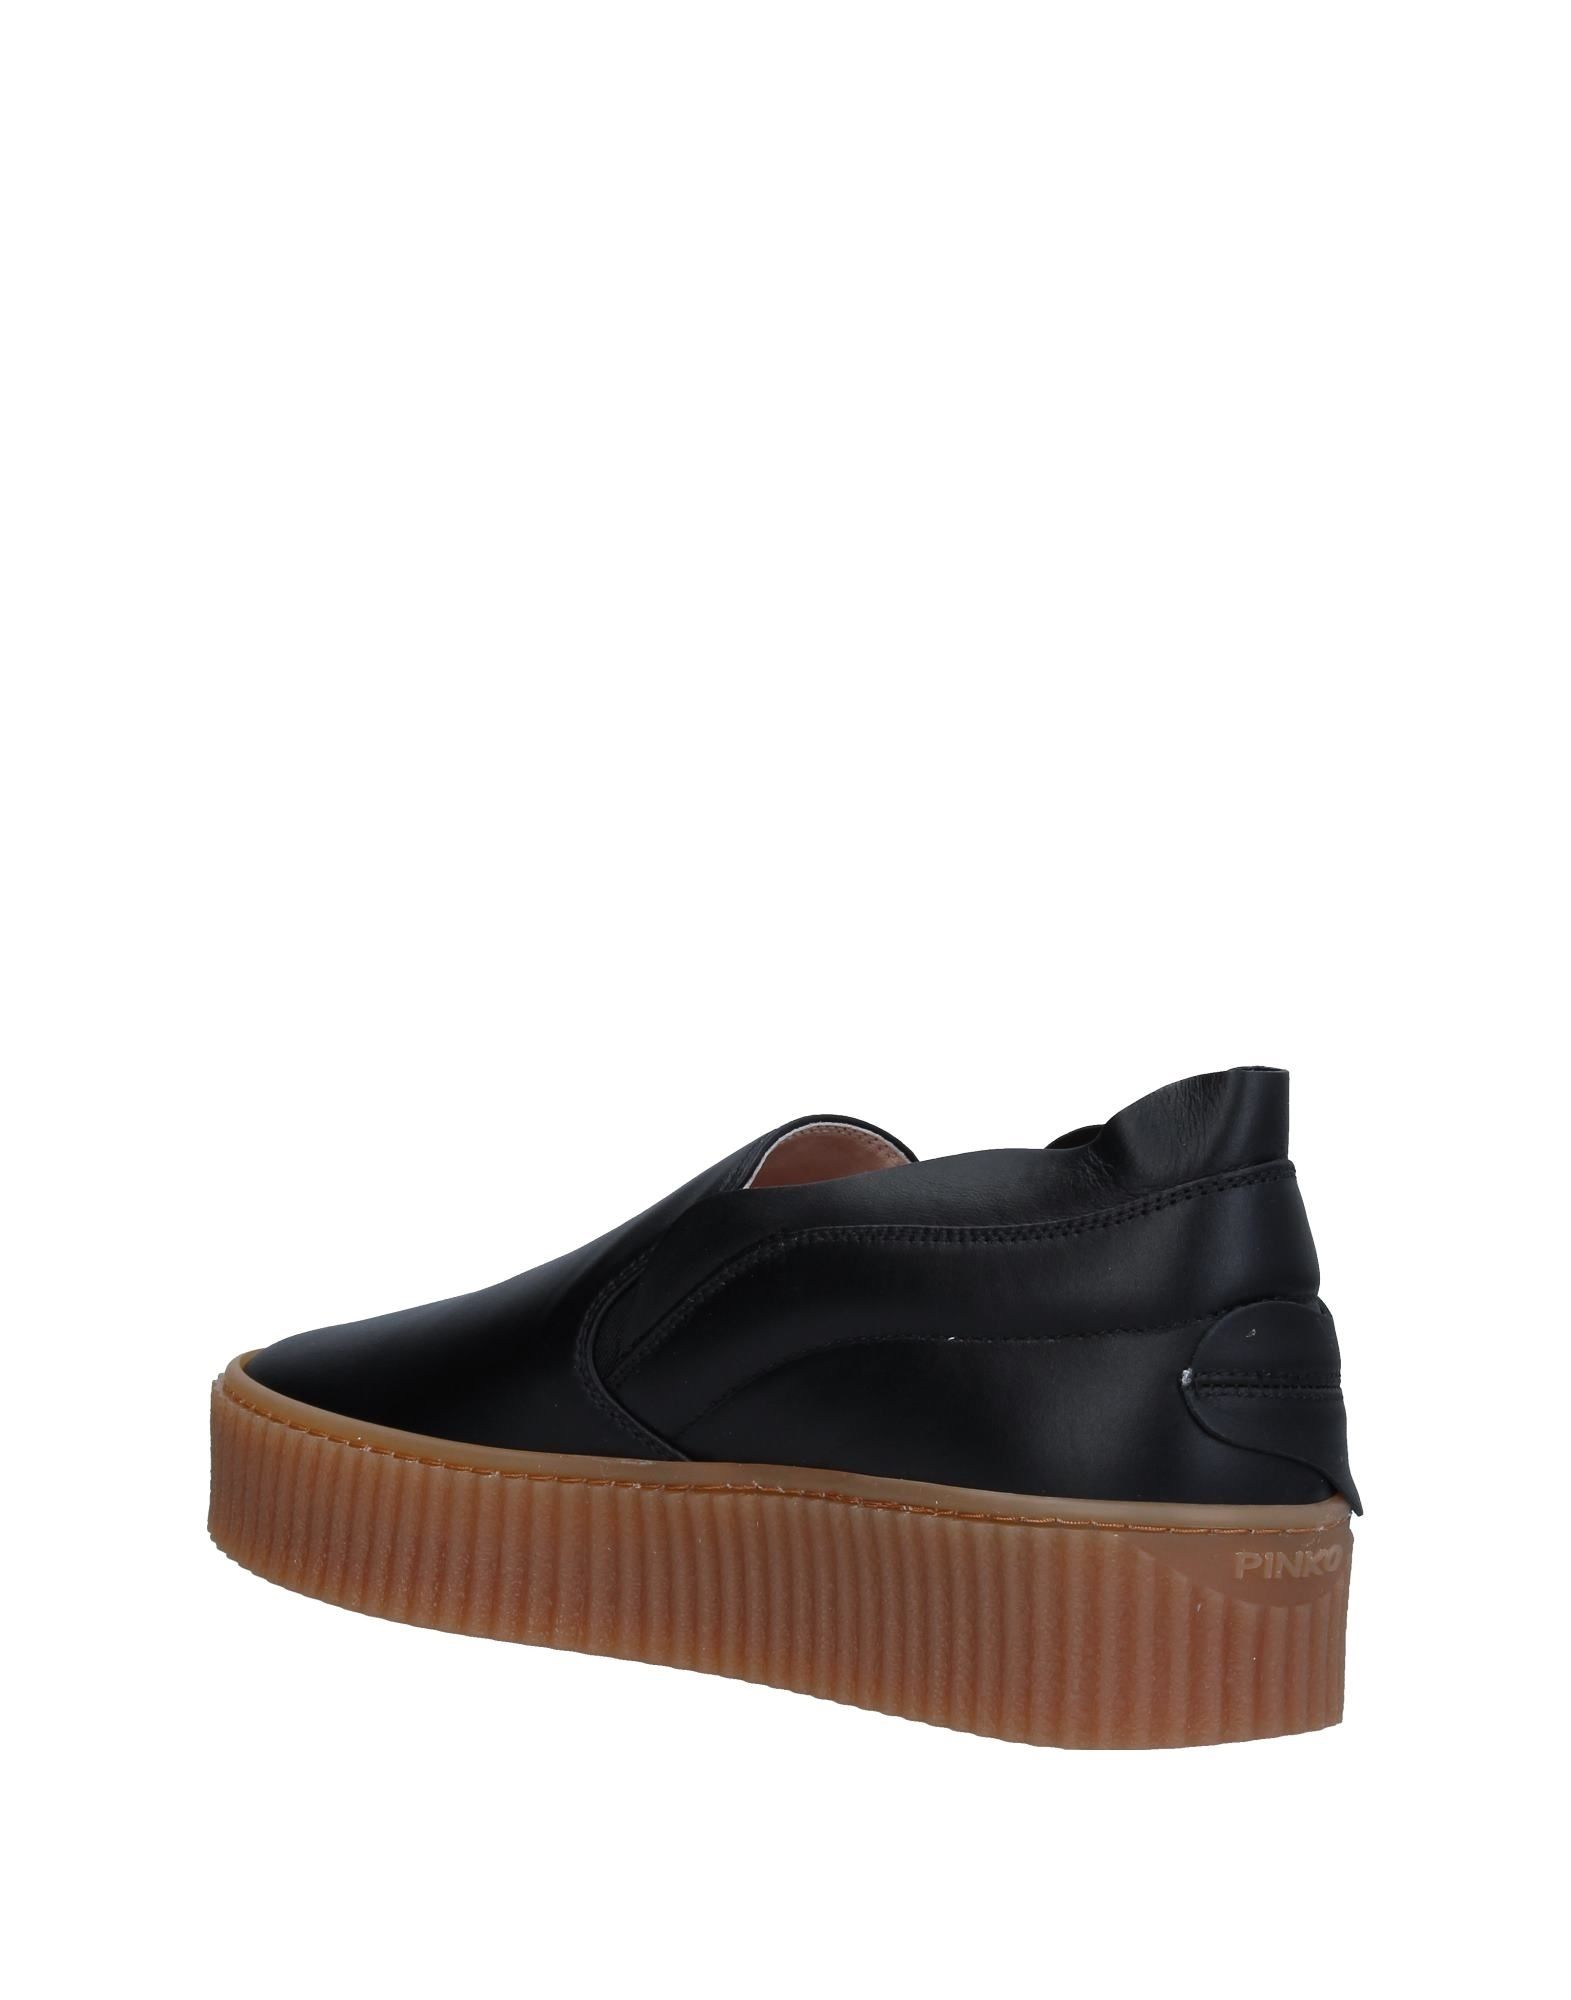 Scarpe economiche e resistenti Sneakers Pinko Donna - 11369887OW